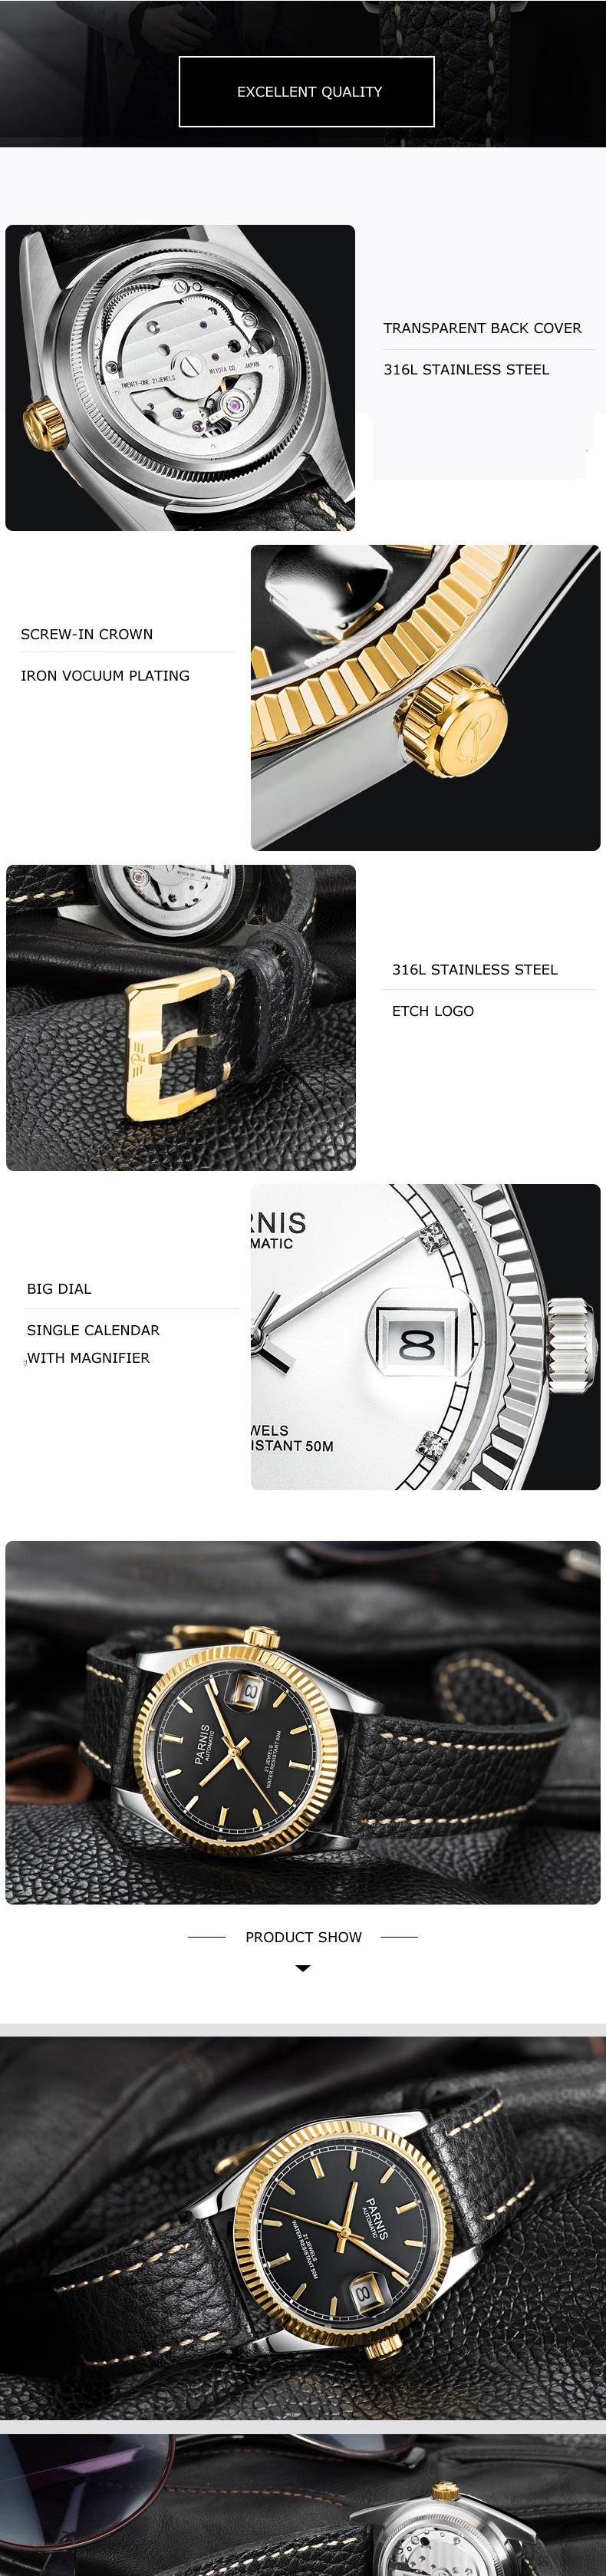 Parnis Королевский Seriers Светящиеся Мужские Кожаный Ремешок Моды Большой Циферблат Двойной Календарь Автоматические Механические Часы Наручные Часы